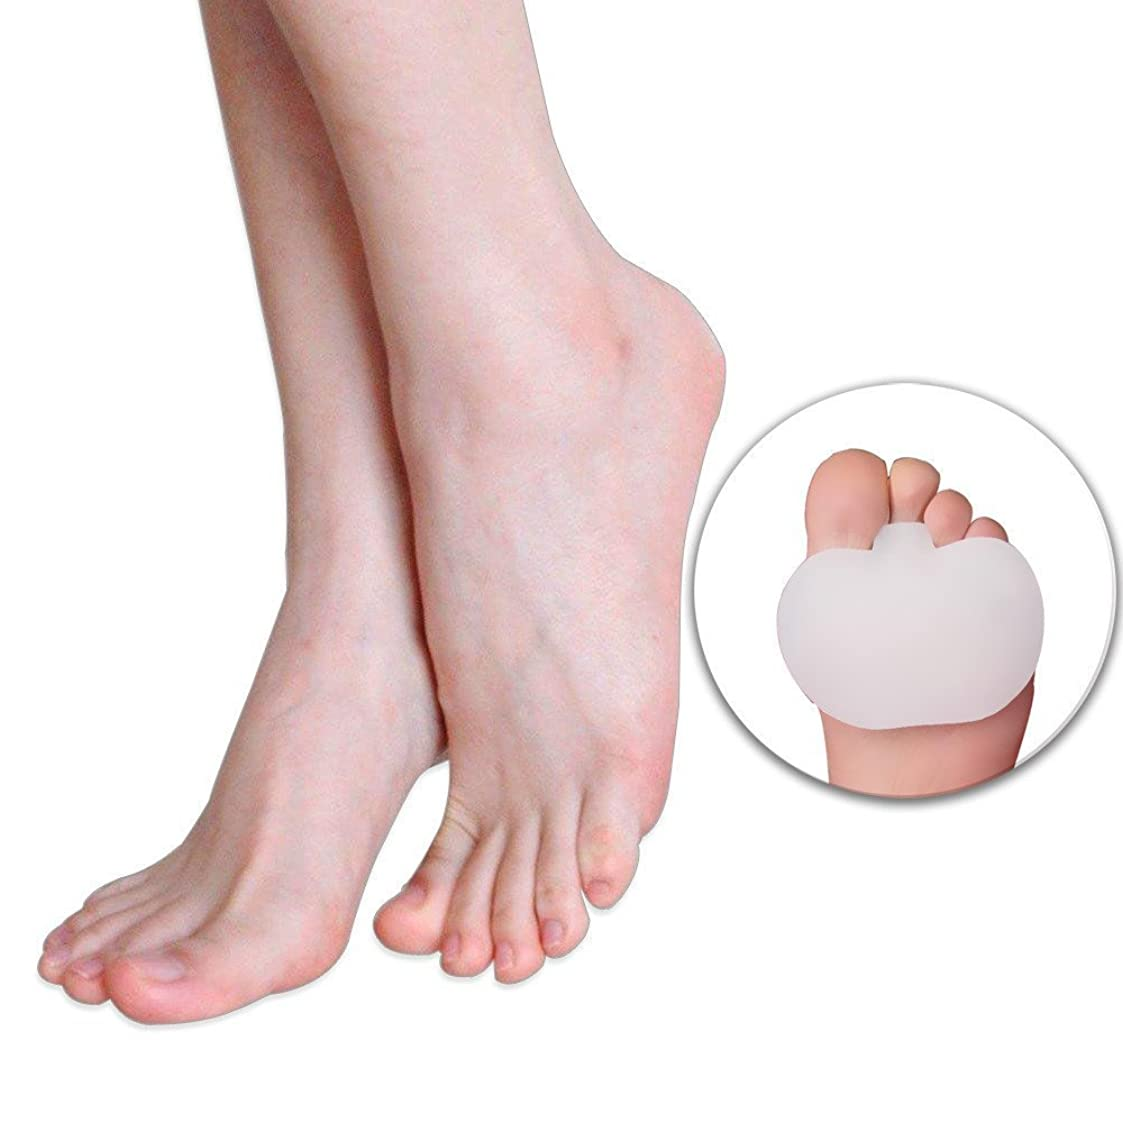 祖先まっすぐスズメバチフットマッサージ 前足パット足のケア、ゲルソックス、つま先、シリコン、外反母趾矯正、ゲル中足骨パッド、足クッションのボール、前足のケア、痛みの足の痛み、外反、外反母趾